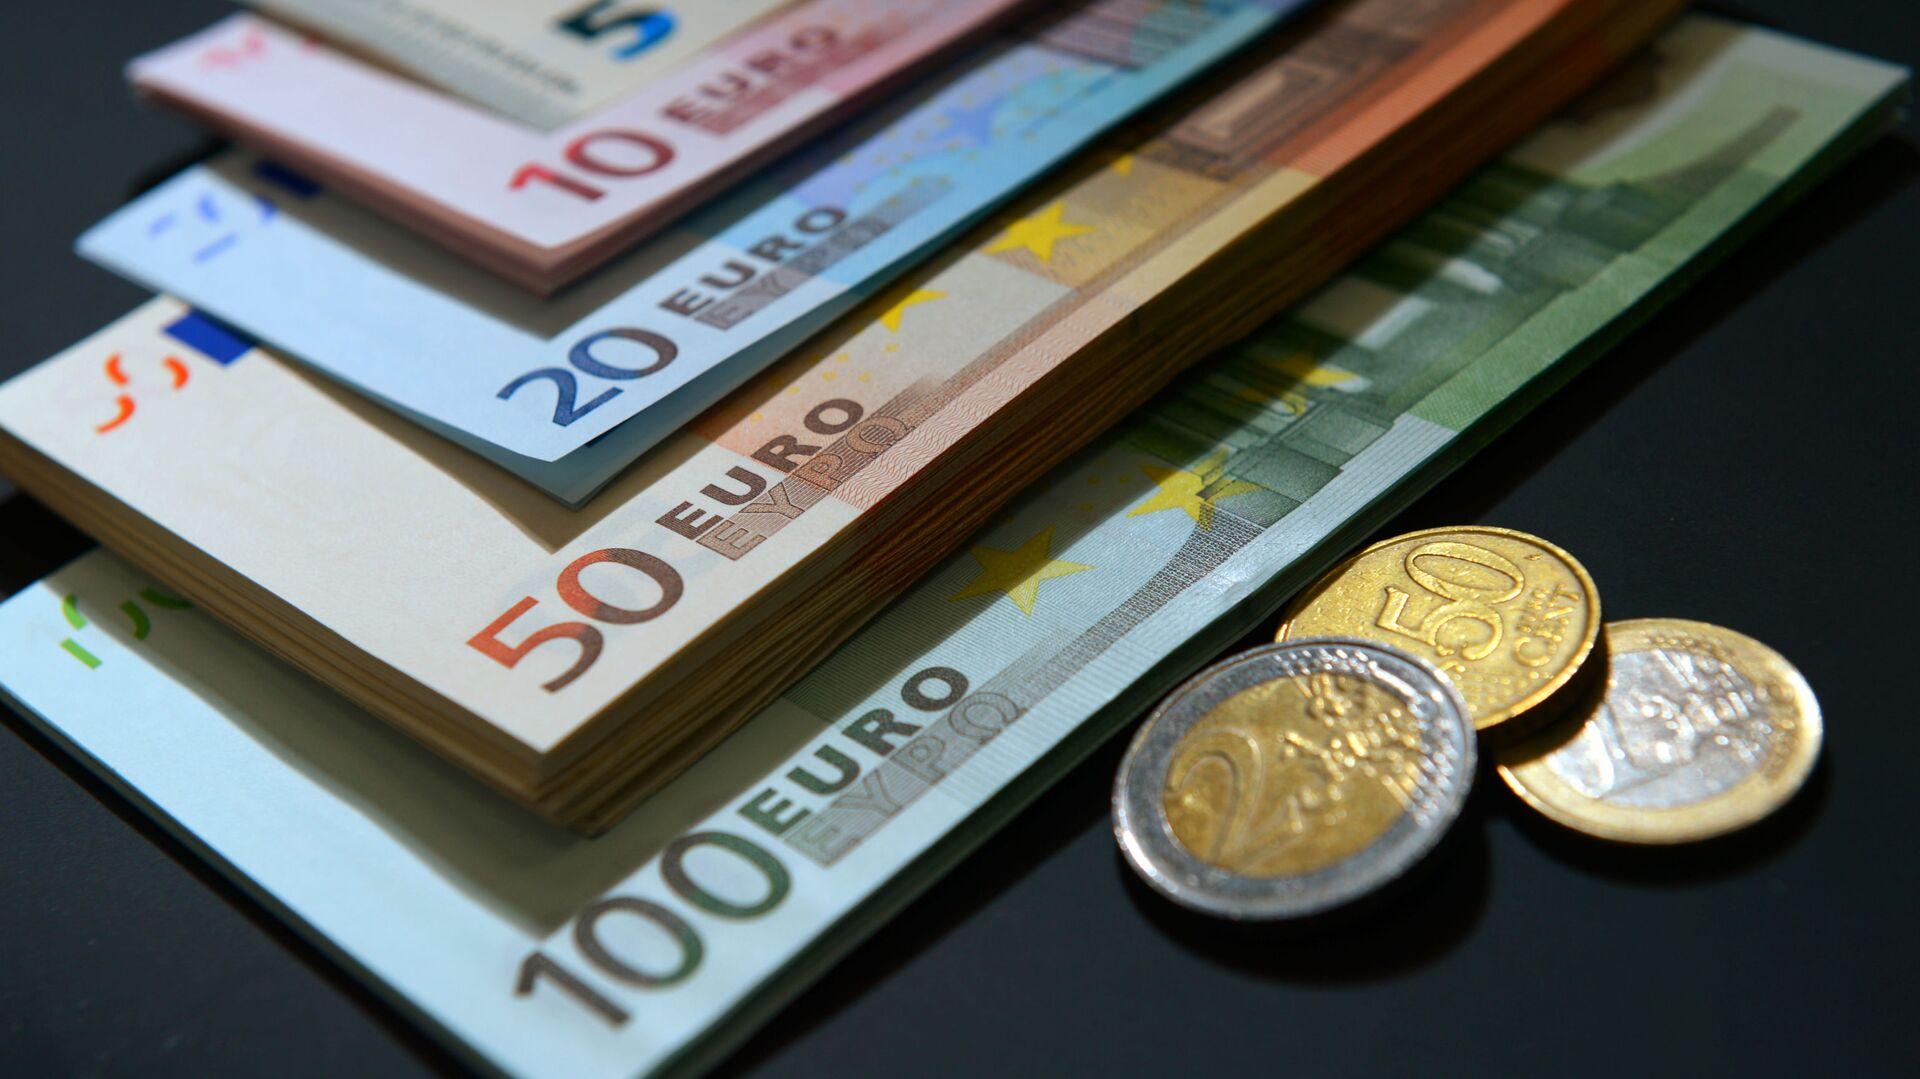 Купюры и монеты евро разного номинала. - Sputnik Латвия, 1920, 25.09.2021